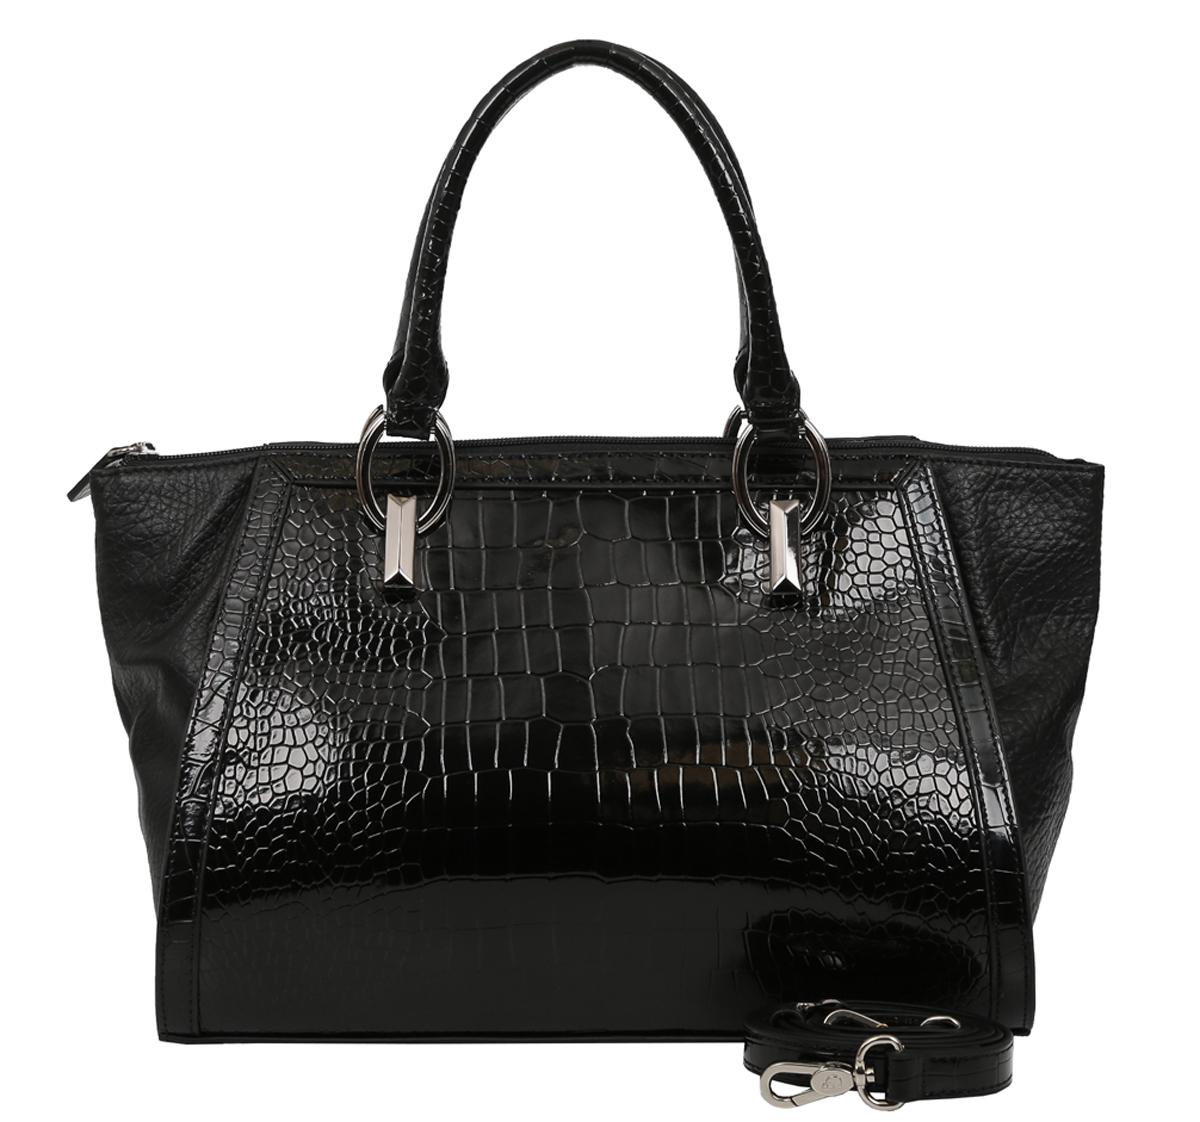 Сумка женская Galaday, цвет: черный. GD57433-47660-00504Элегантная женская сумка Galaday изготовлена из качественной натуральной кожи. Модель закрывается на застежку-молнию. Внутри имеются дополнительные карманы. С внешней задней стороны сумки расположен врезной карман на застежке-молнии. Сумка оснащена удобными ручками и плечевым ремнем, который можно регулировать по длине.